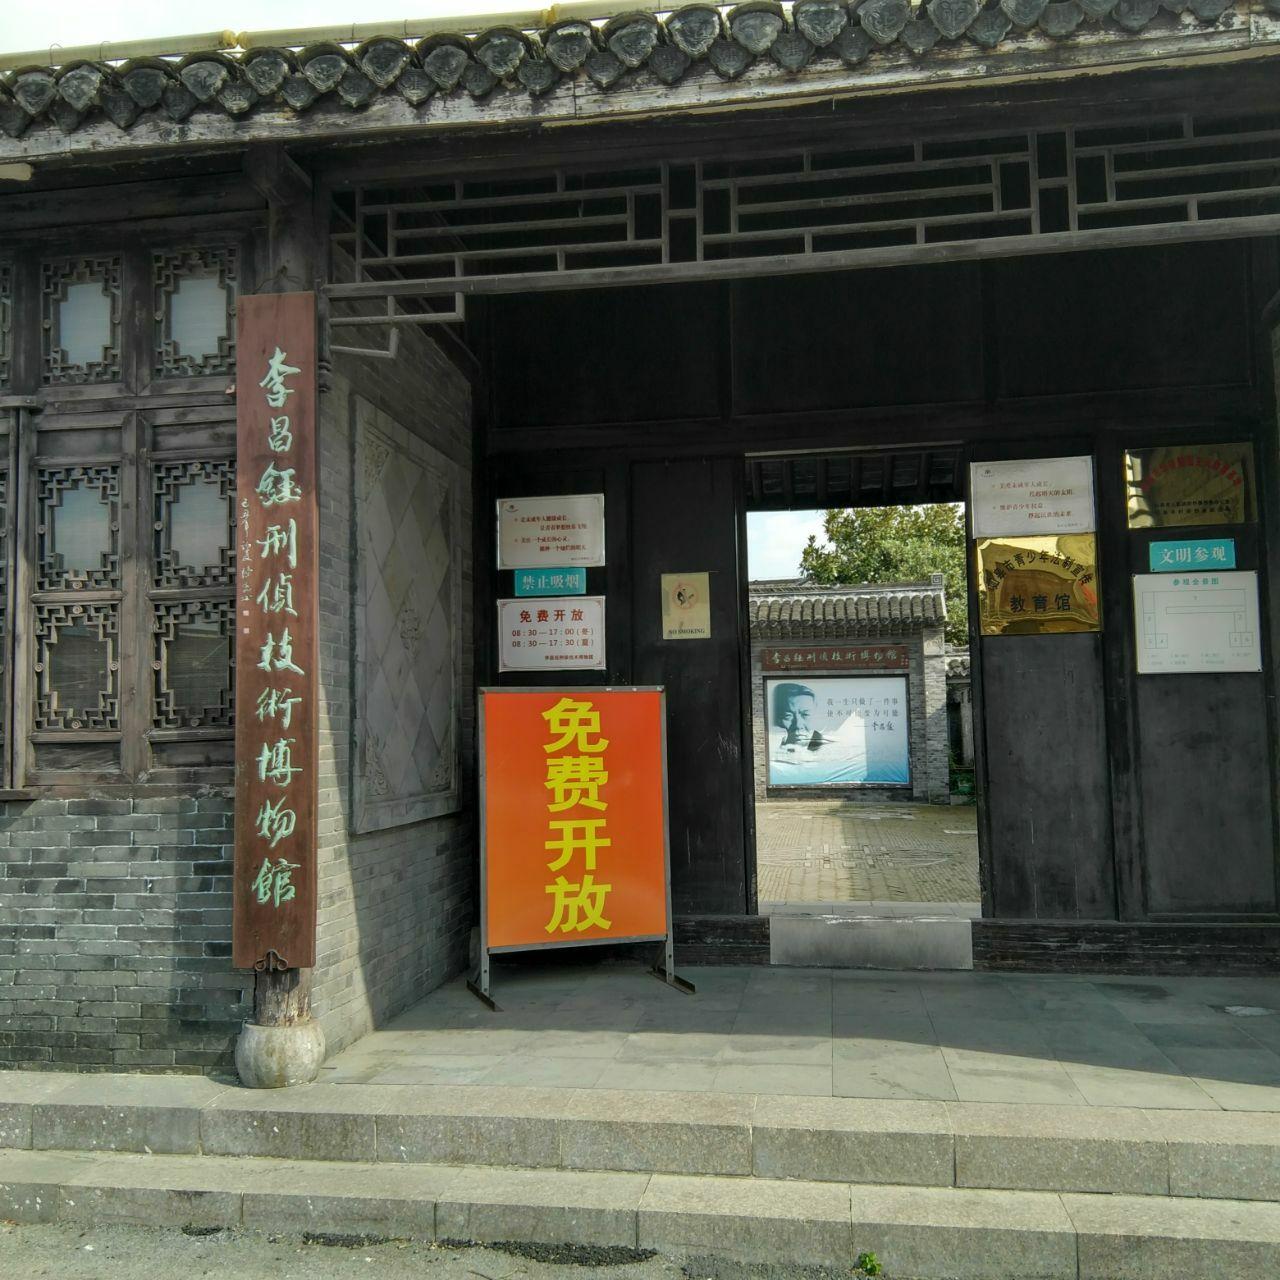 【携程攻略】如皋李昌钰刑侦技术博物馆景点,去如皋水